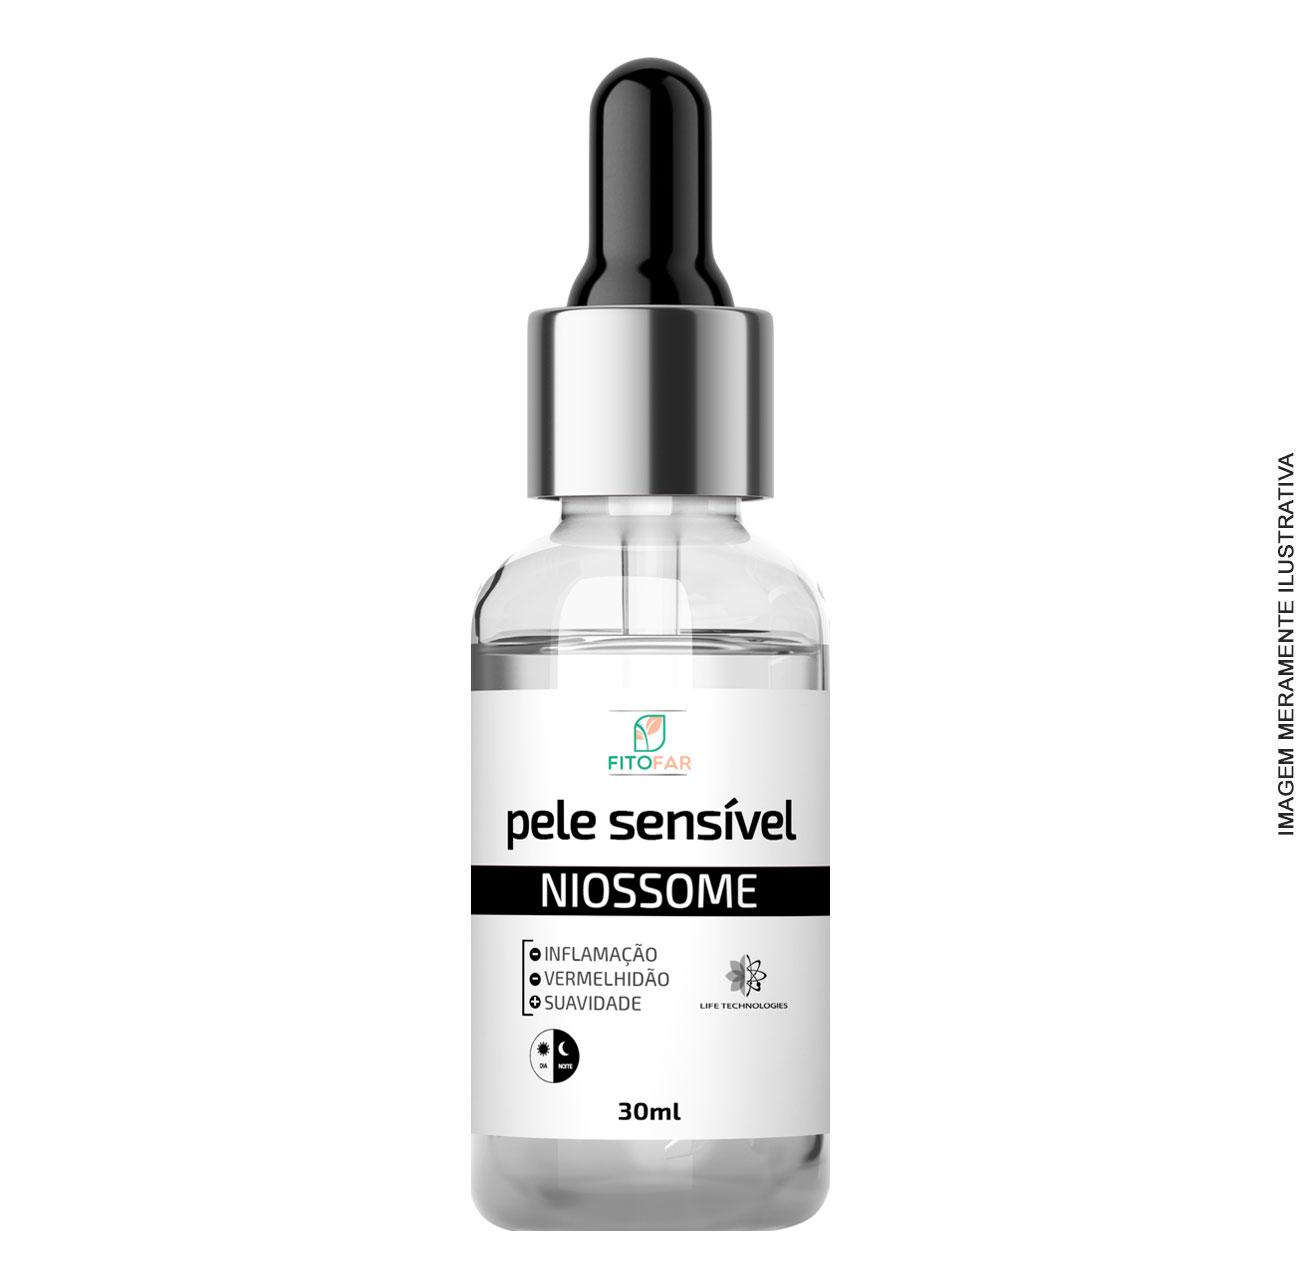 Niossome Fitofar Pele Sensível - 30ml